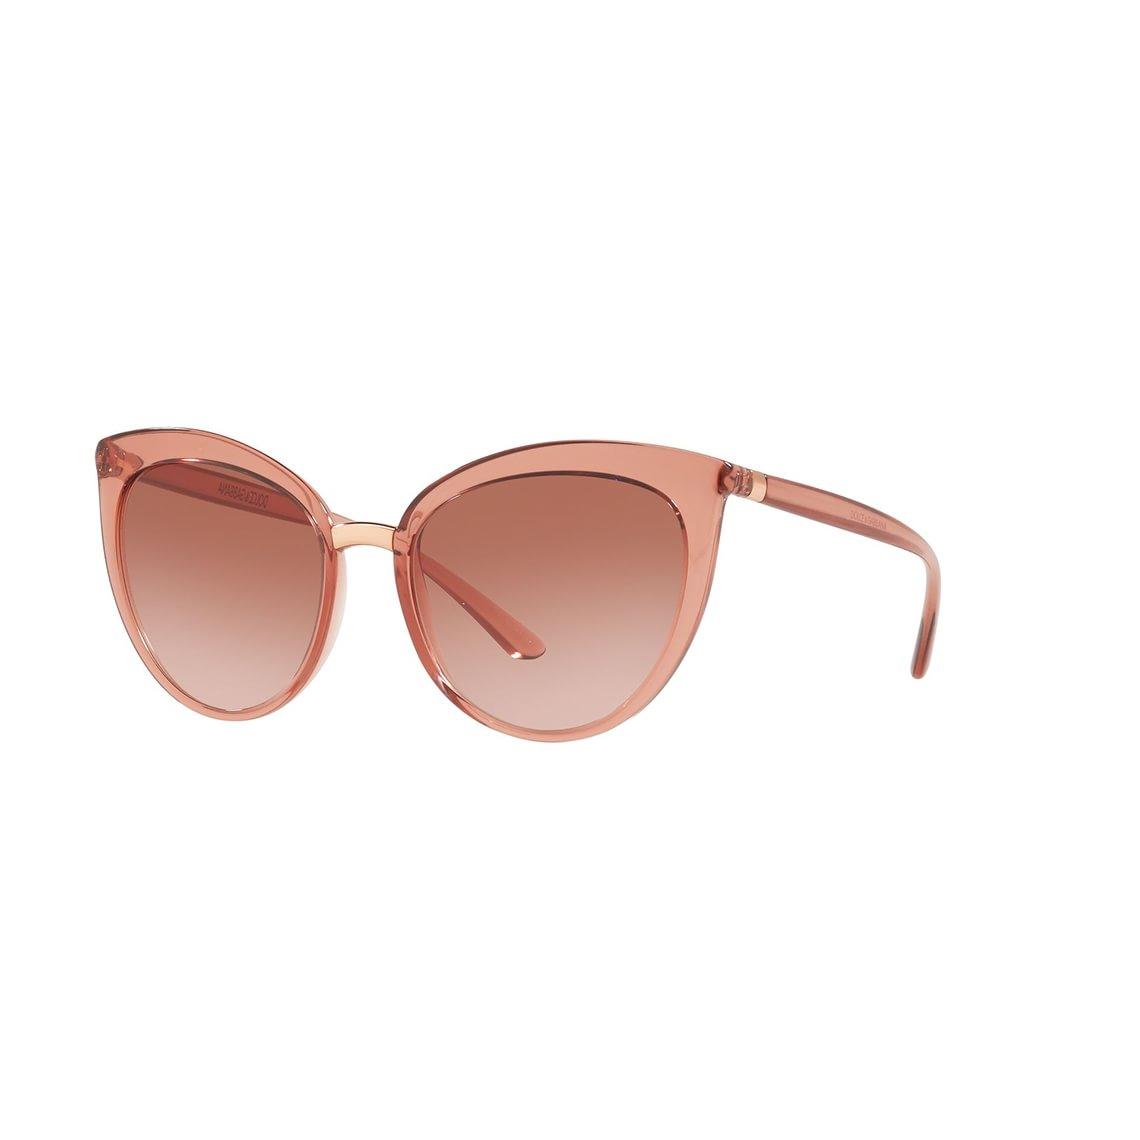 Dolce & Gabbana 0DG6113 55 314813